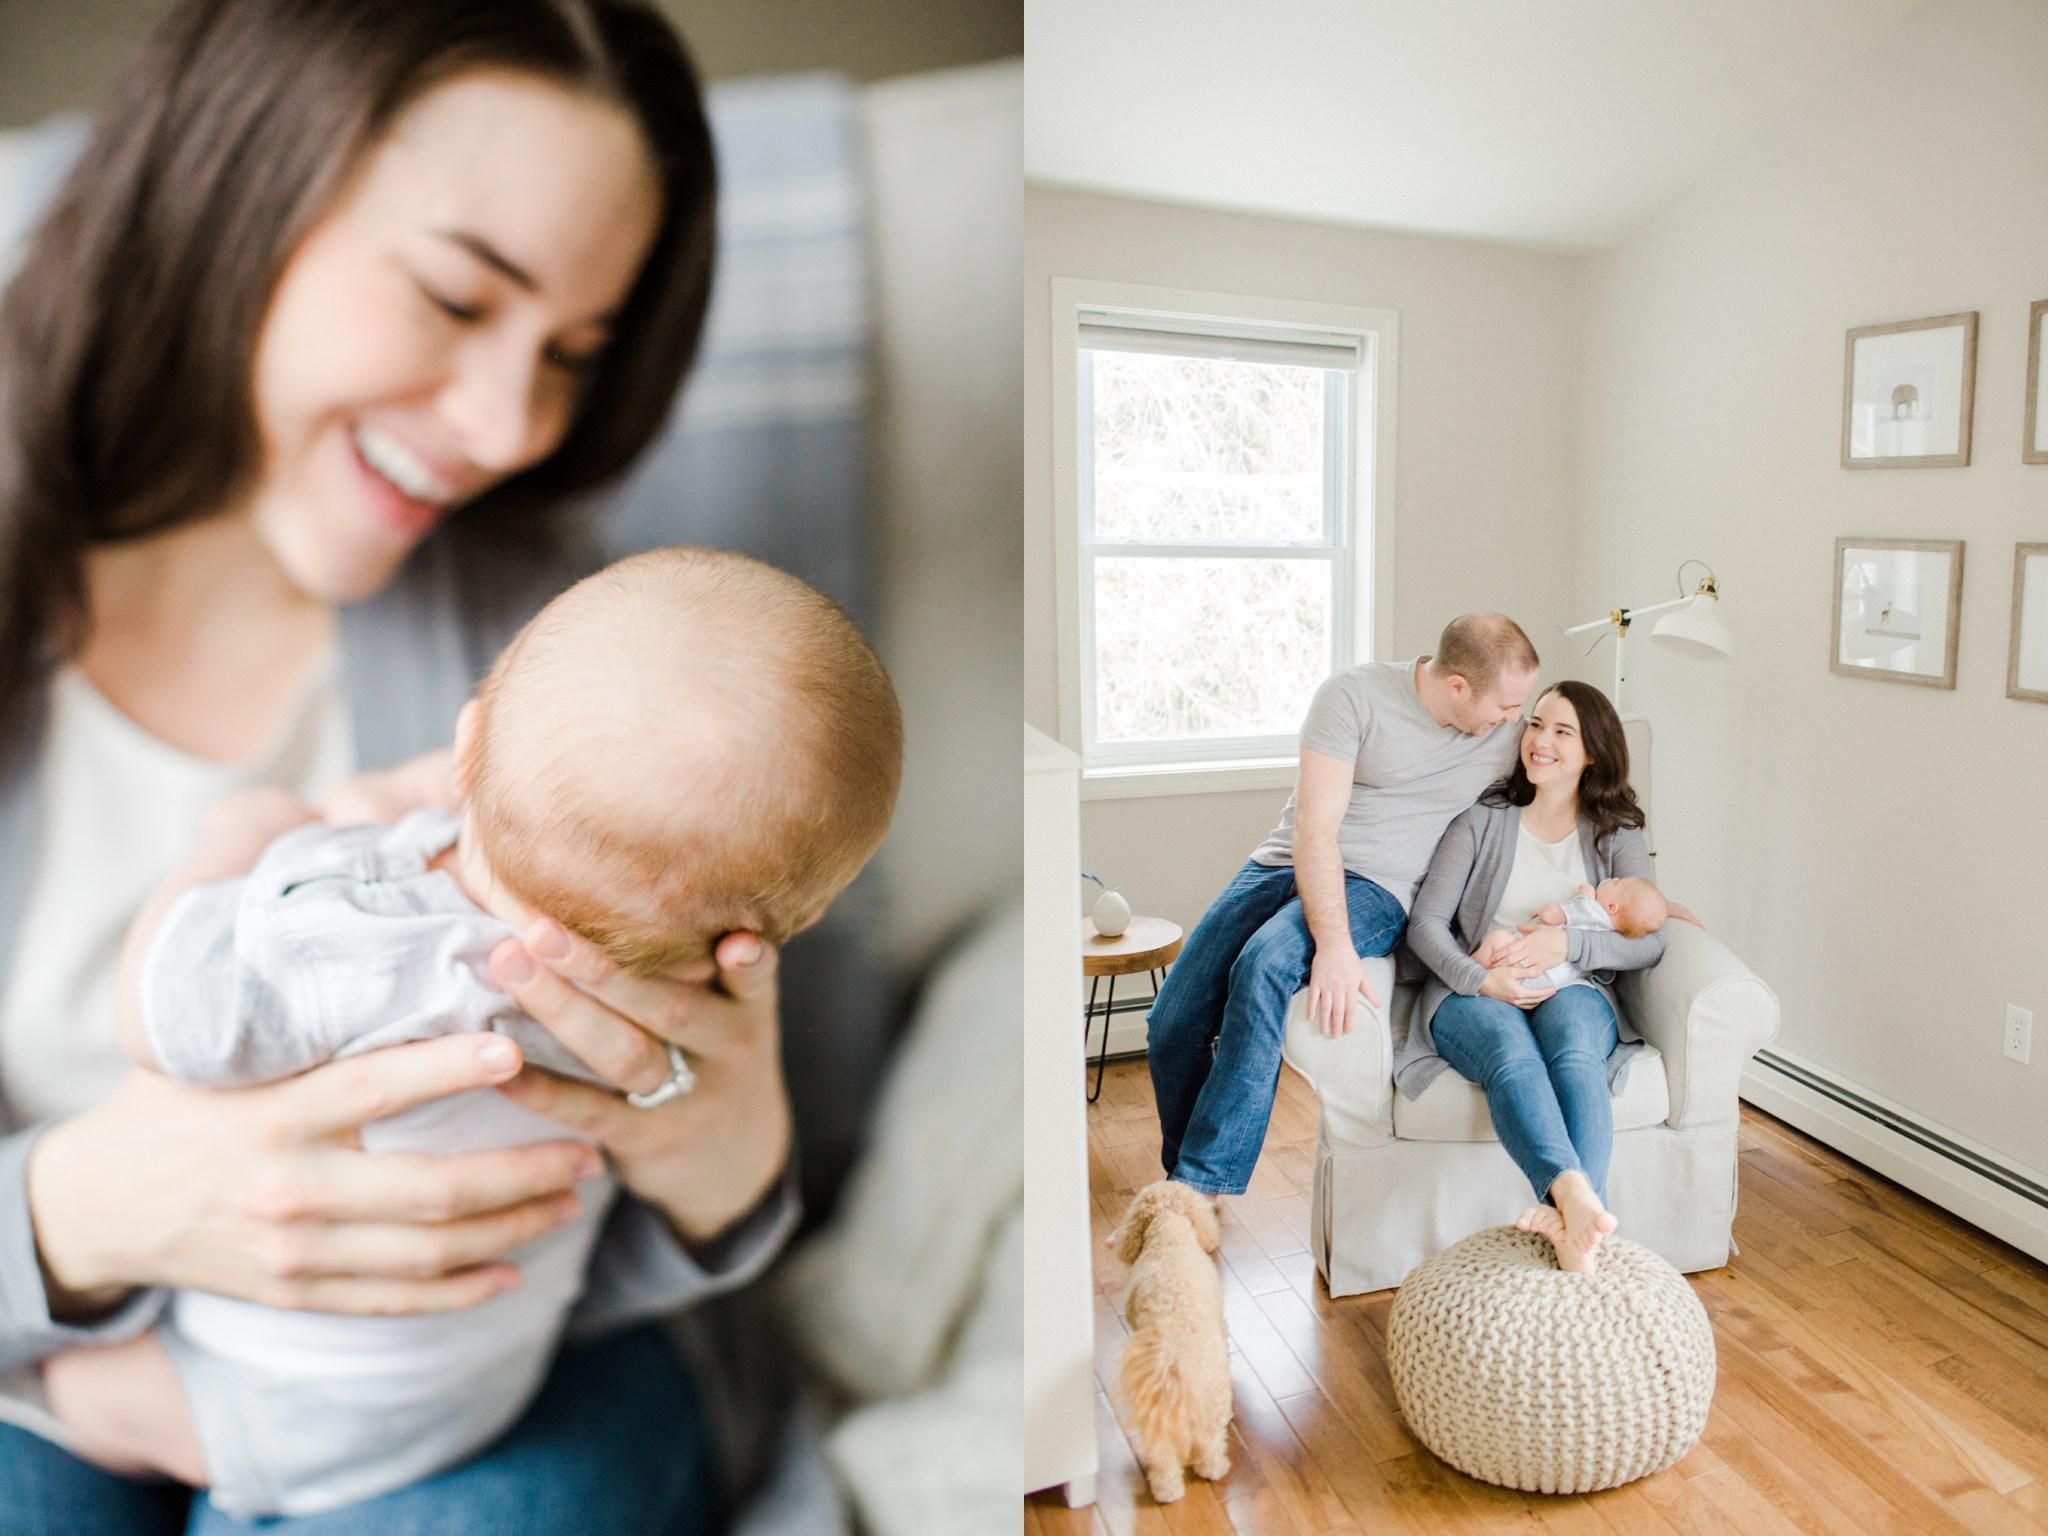 debroah_zoe_photography_family_portraits_boston_00012.JPG